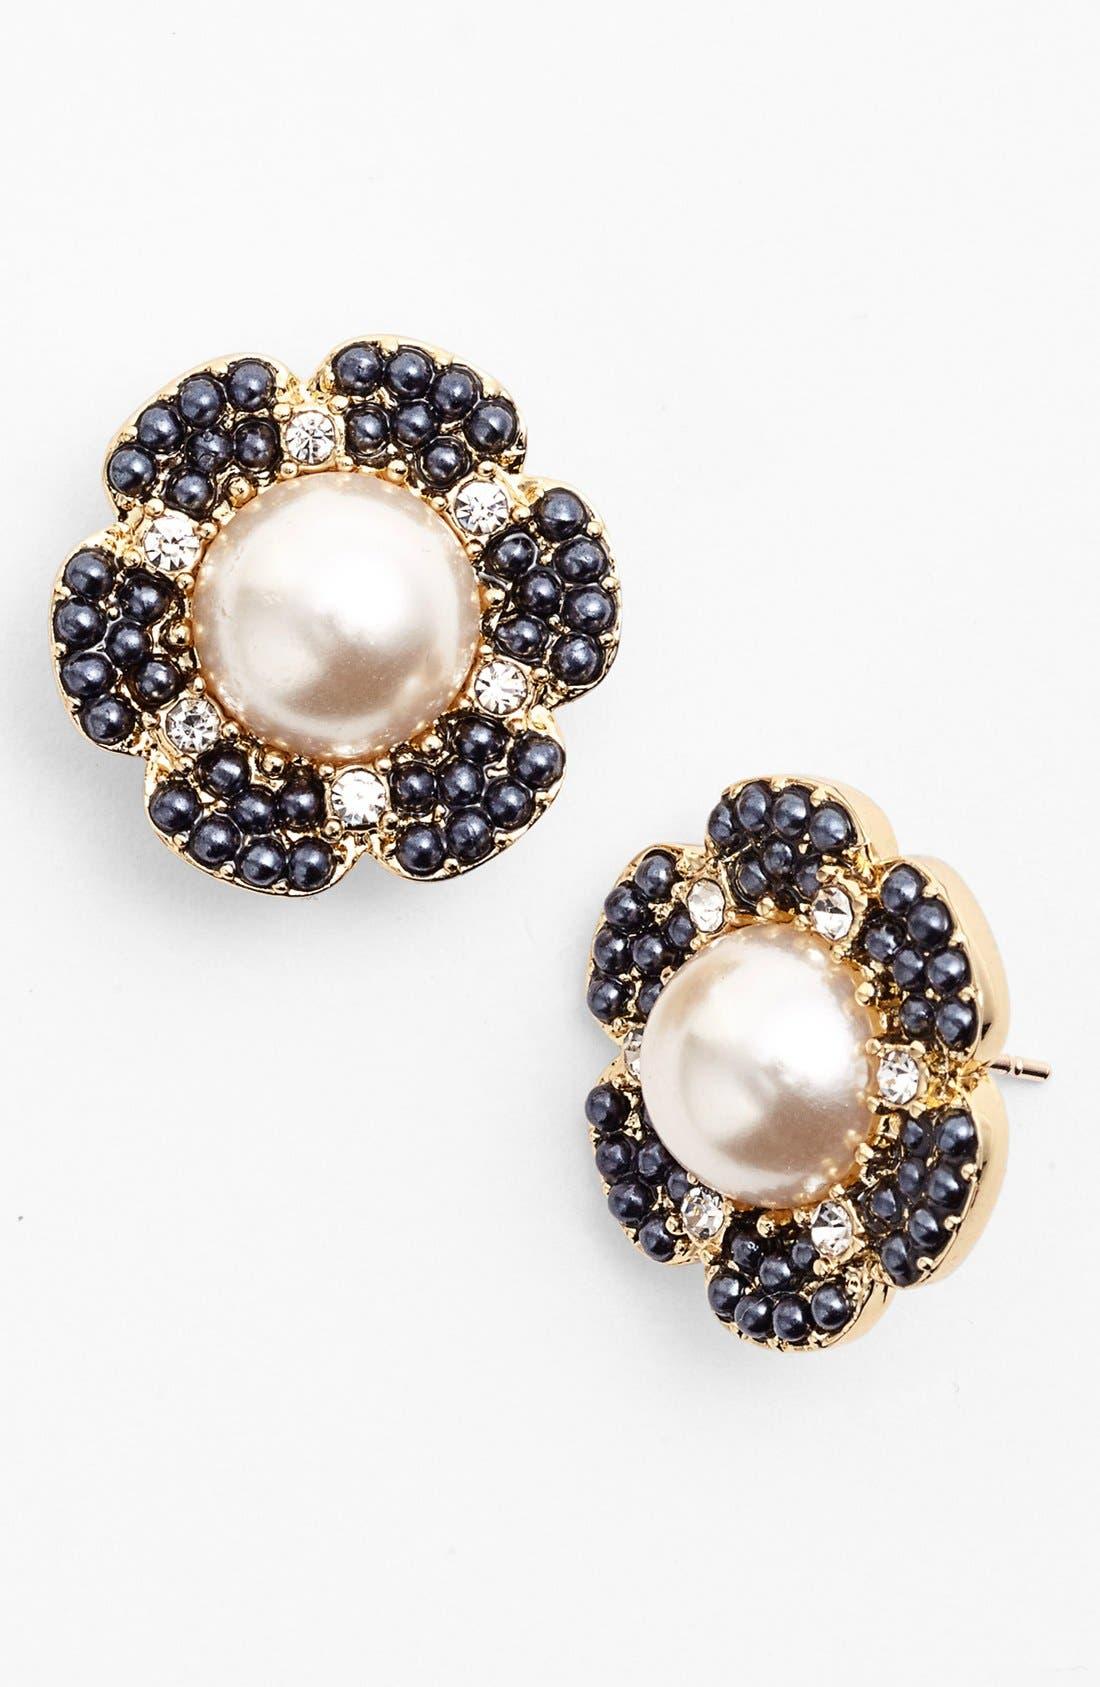 Alternate Image 1 Selected - kate spade new york 'park floral' stud earrings